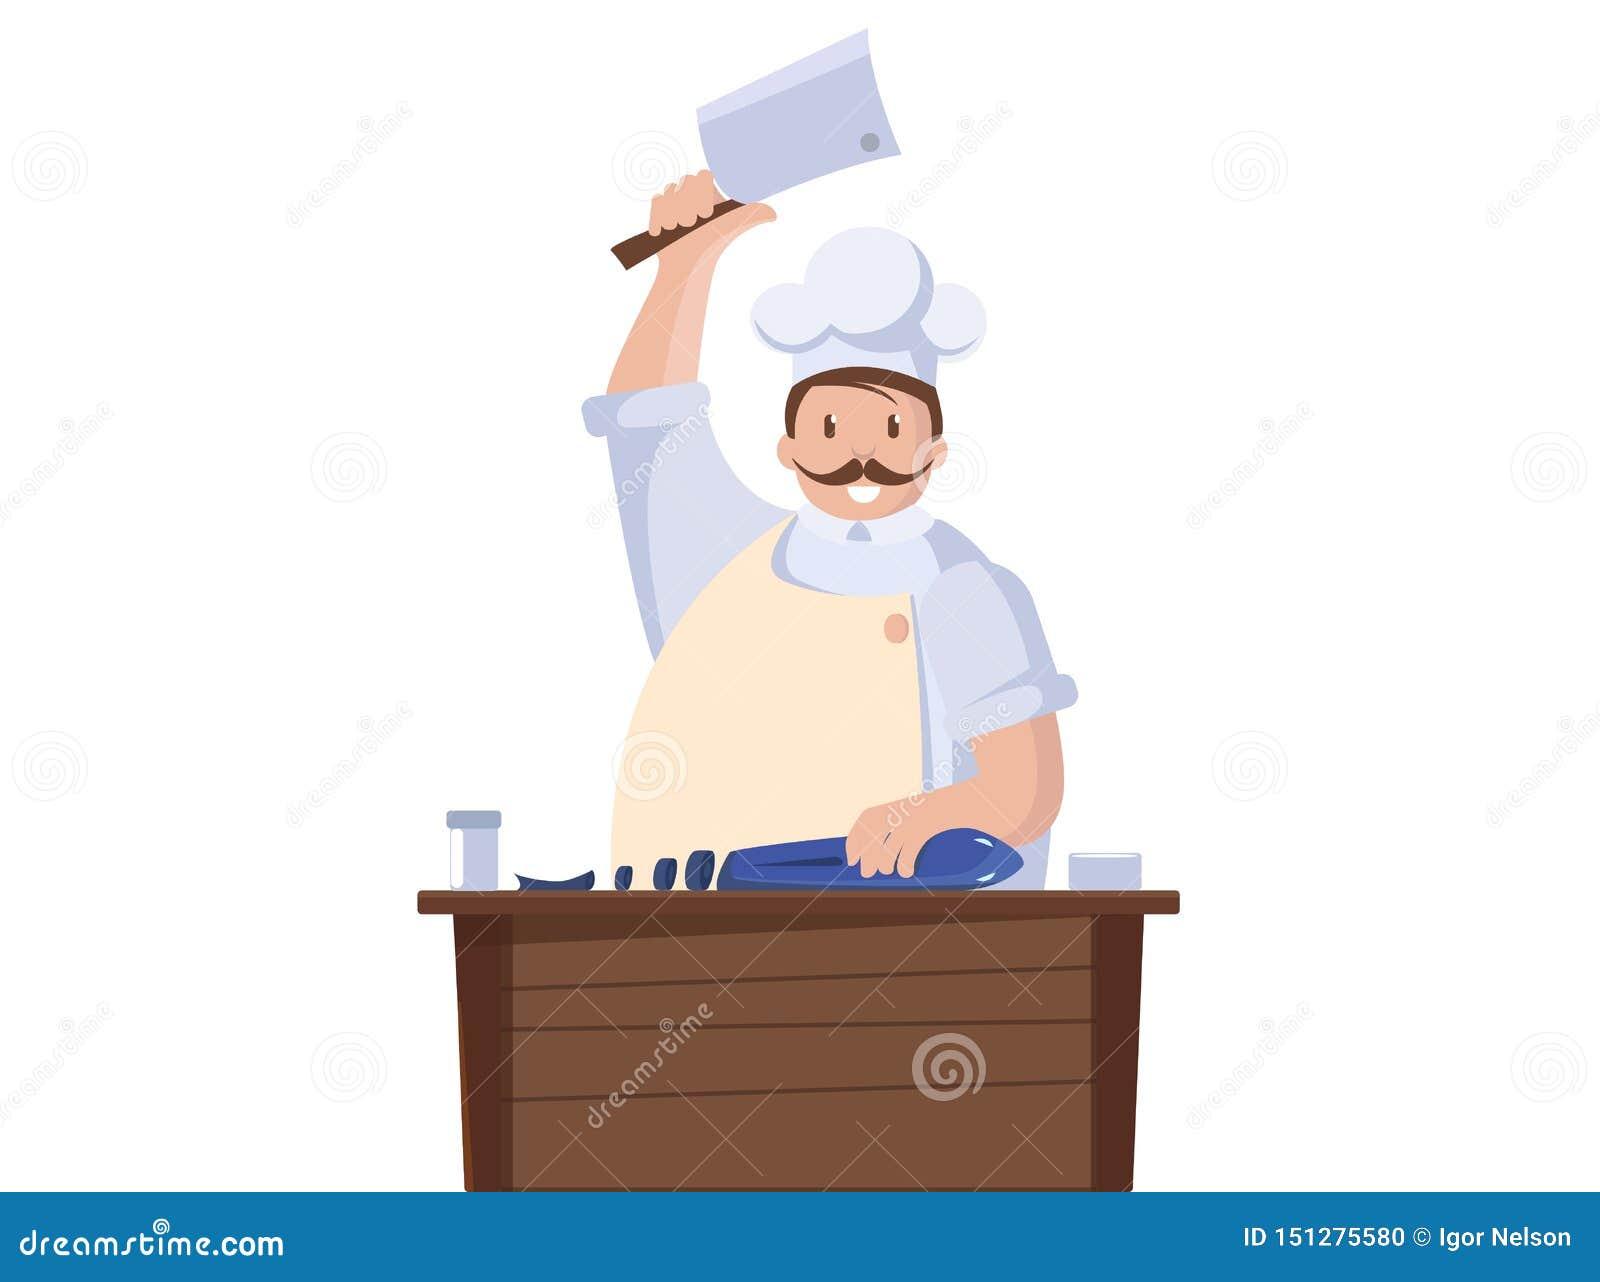 Lokalisierte Illustration des Chefkochs Fische Chefcharakter mit Messer Vektor